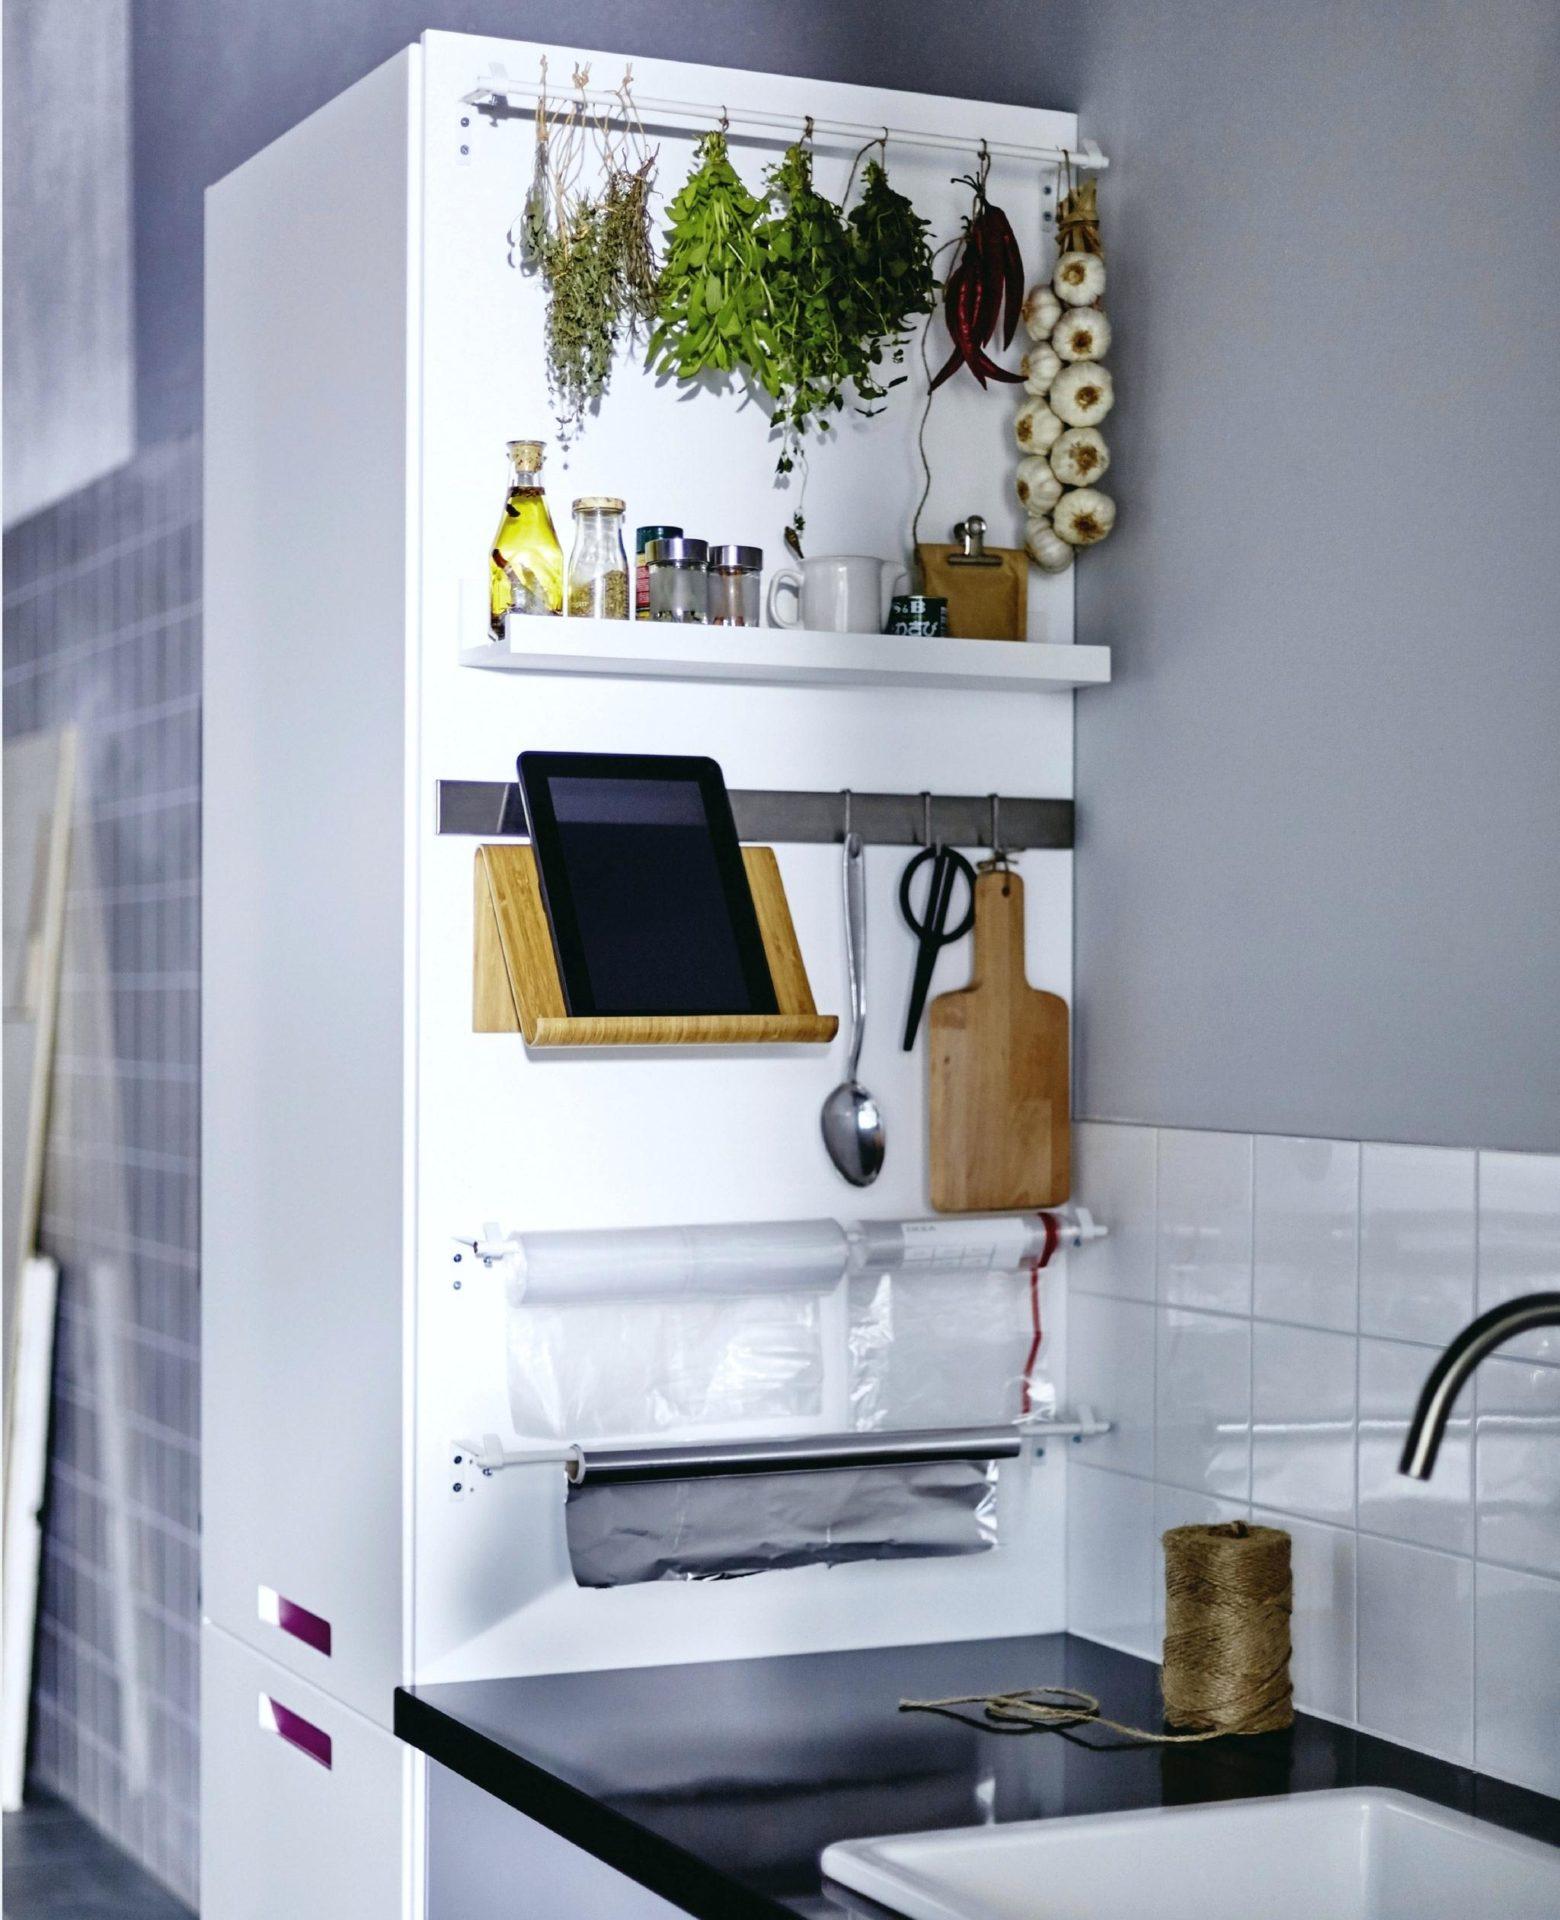 12 Эффективных способов  максимально грамотно спланировать  маленькую кухню